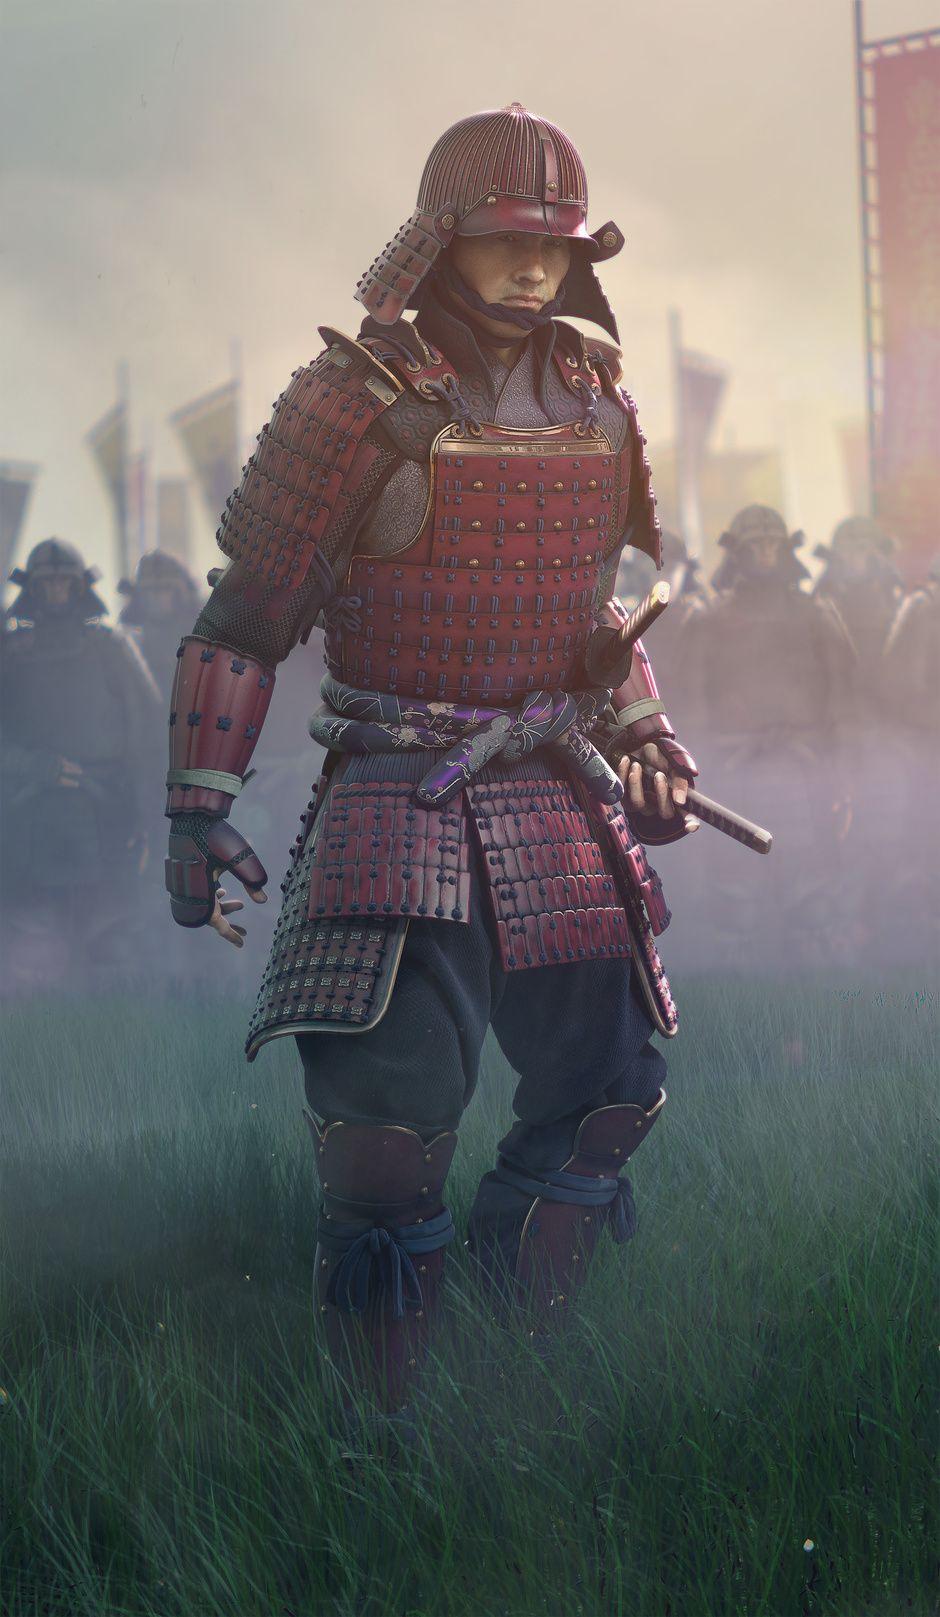 cg society samurai 3d model by eugene yevhen lisunov wow 3d